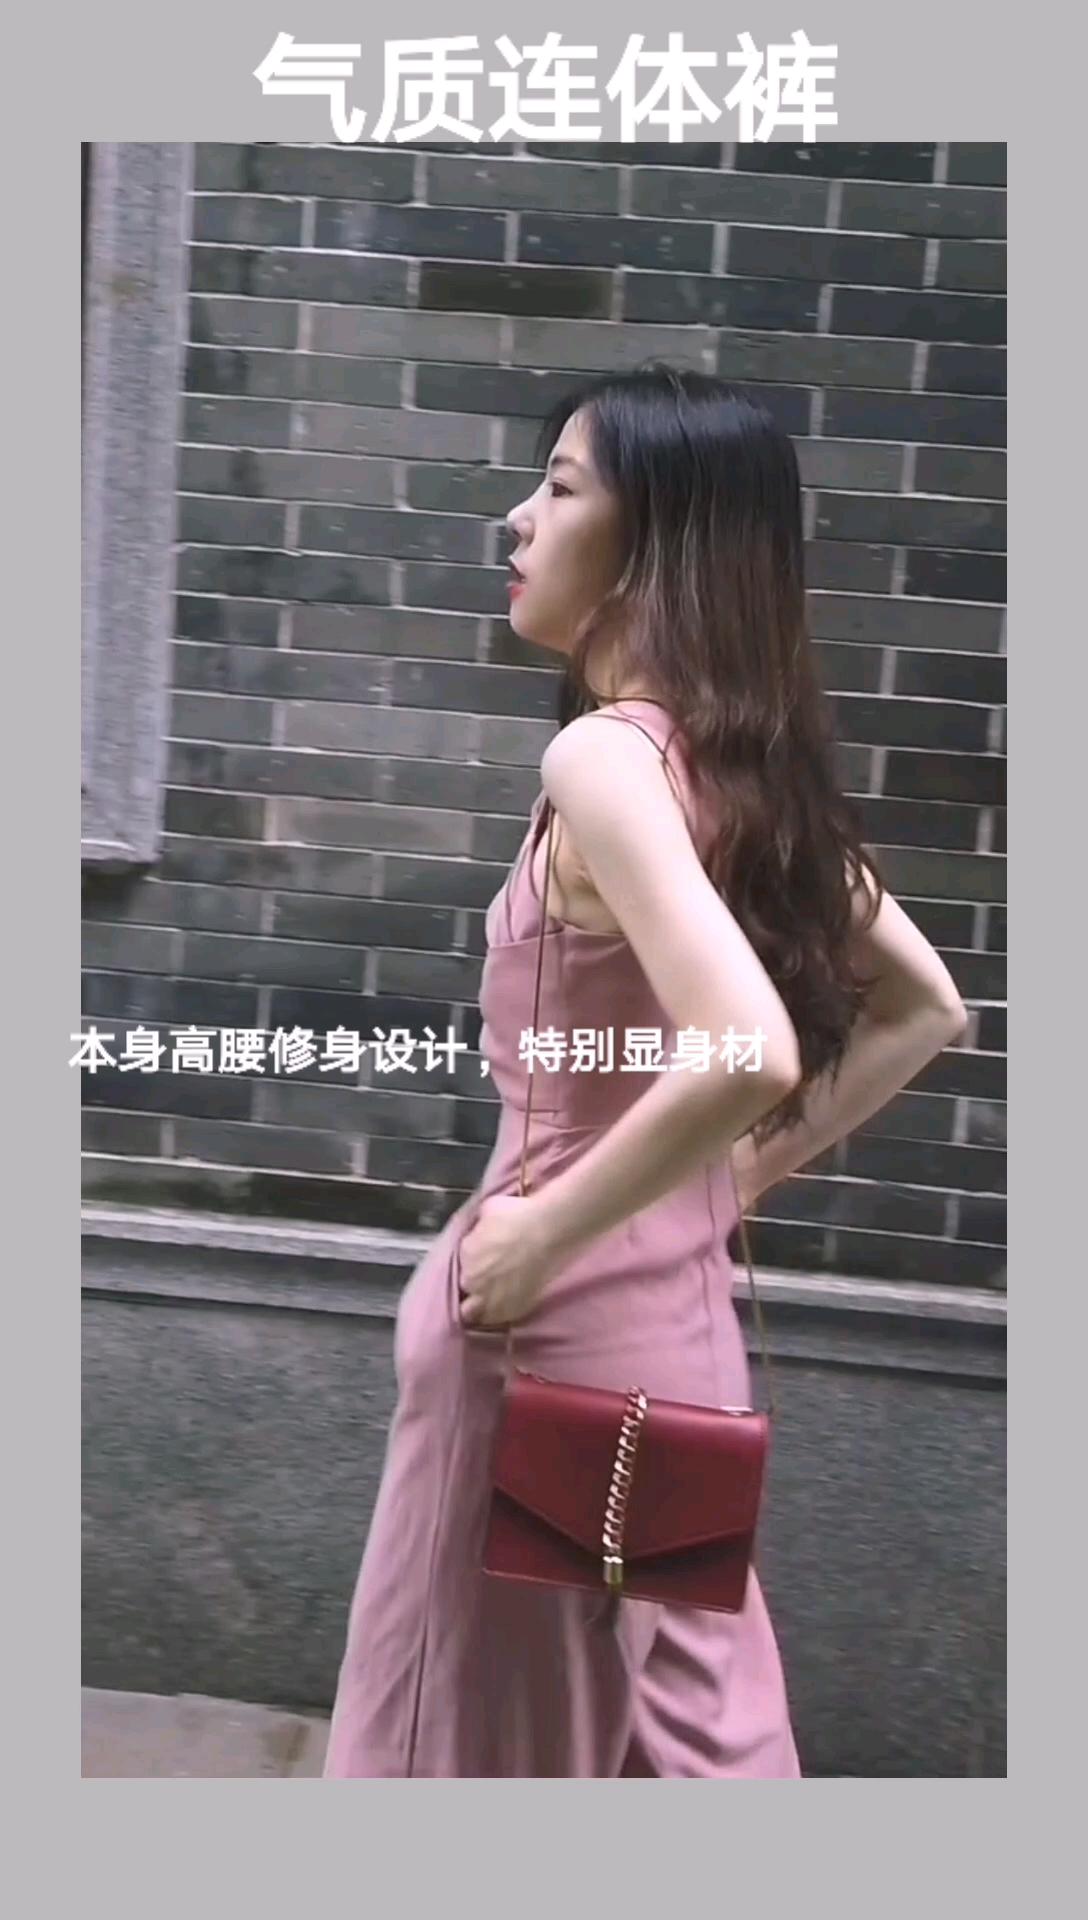 优雅连体裤    胭脂粉温柔范满满~超高腰修身设计,帅气优雅,加个最爱百搭小包包~优雅淑女#六月温柔风:今日份淑女额度已满#